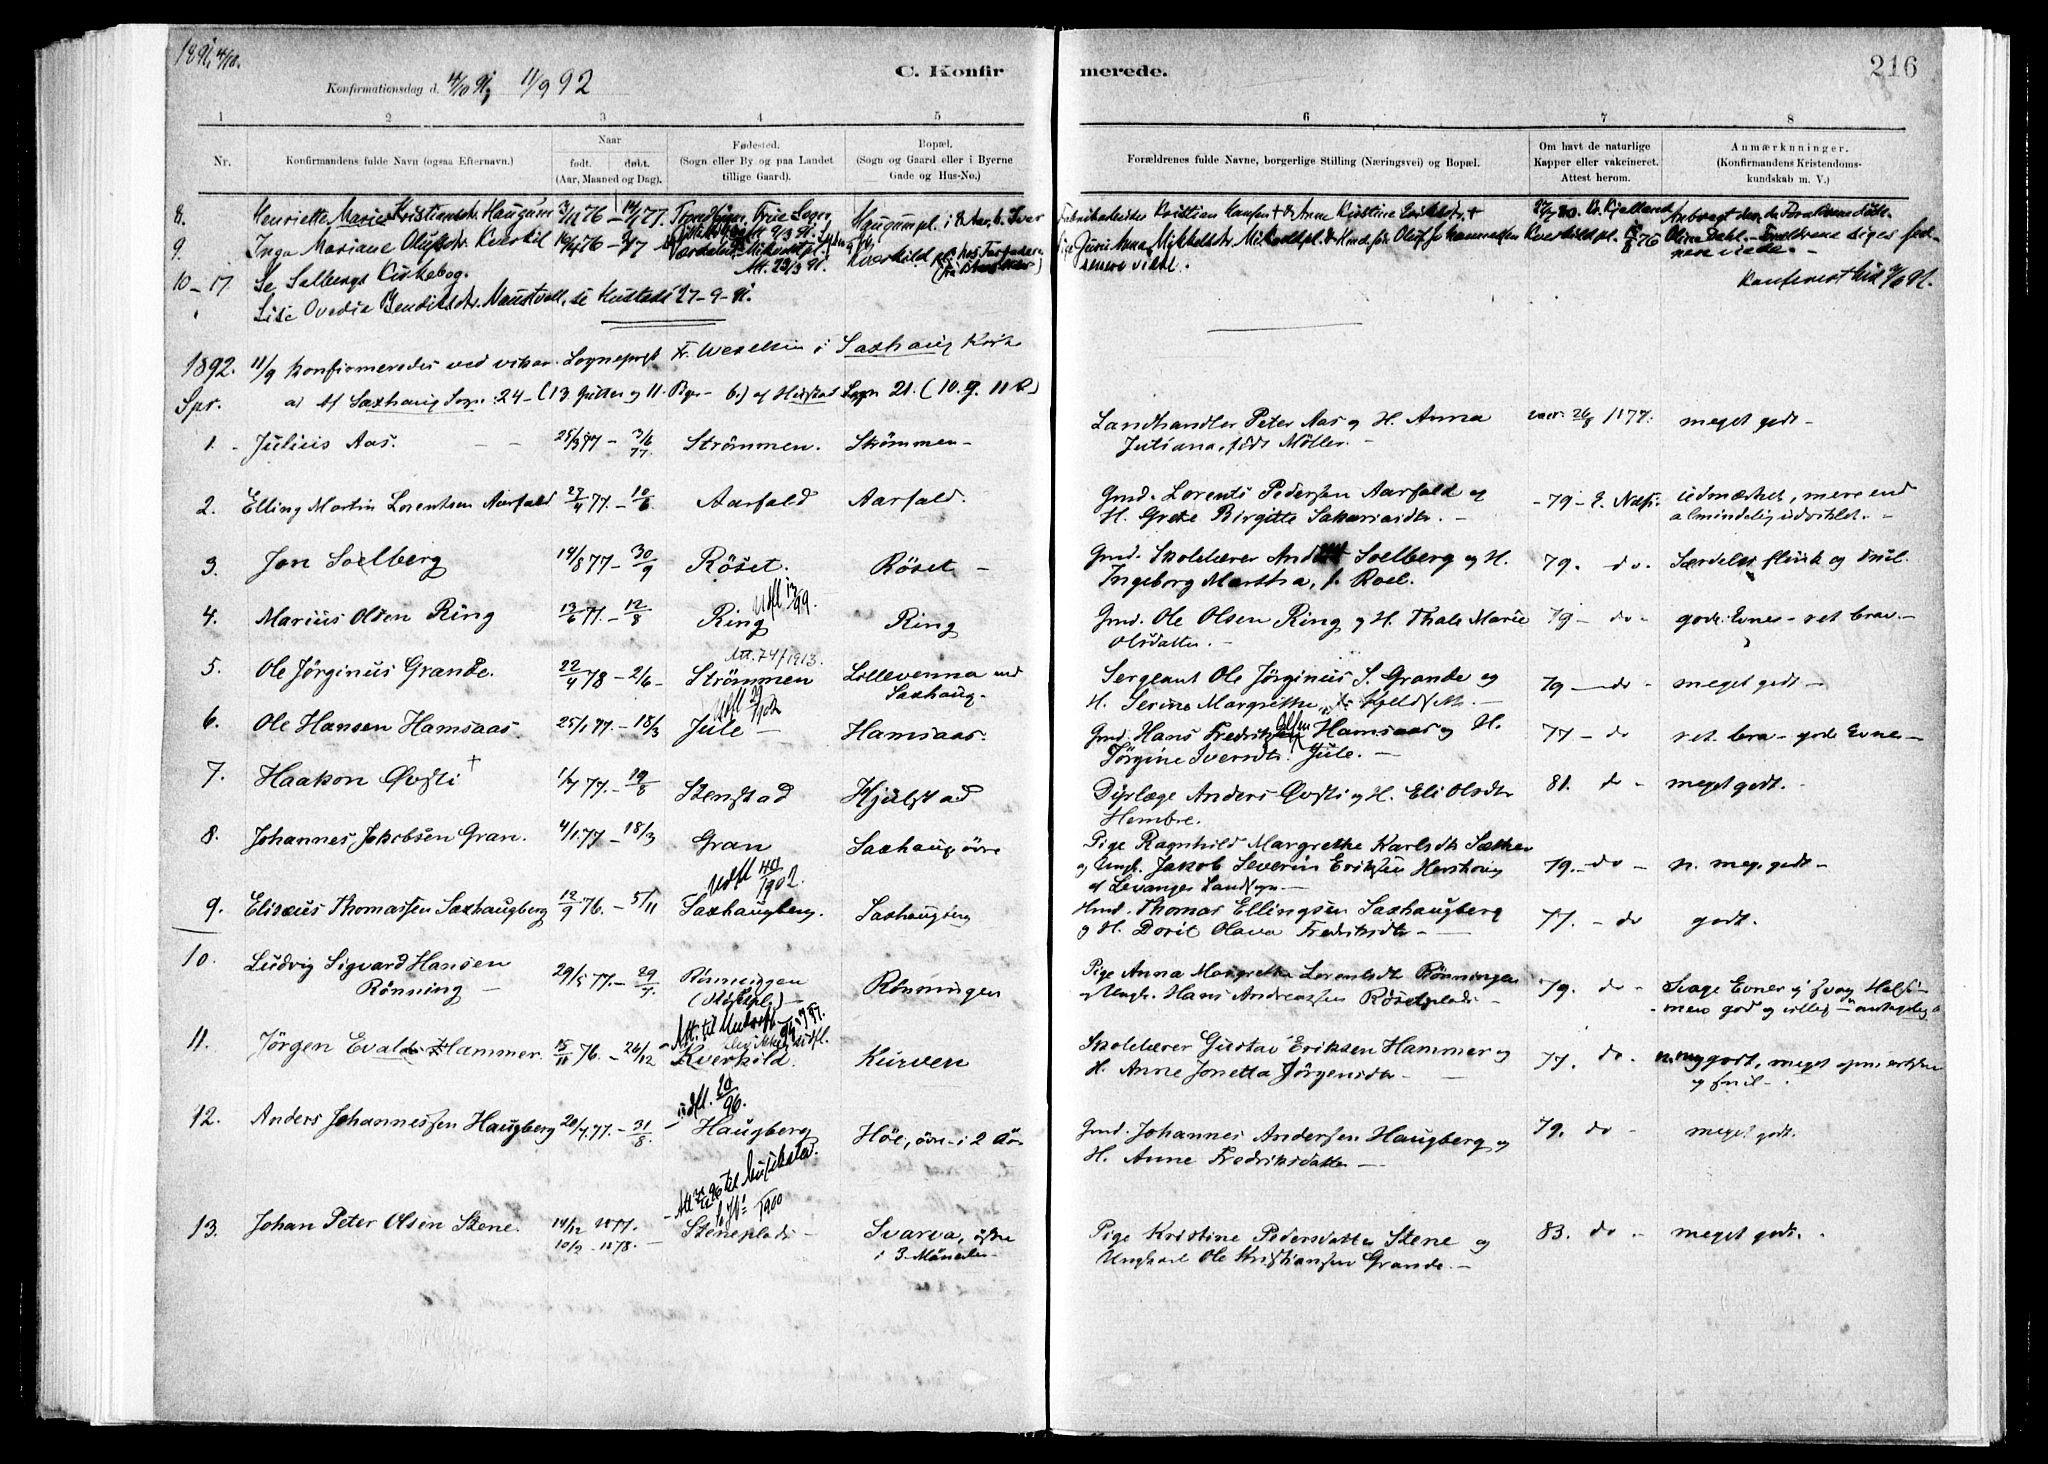 SAT, Ministerialprotokoller, klokkerbøker og fødselsregistre - Nord-Trøndelag, 730/L0285: Ministerialbok nr. 730A10, 1879-1914, s. 216